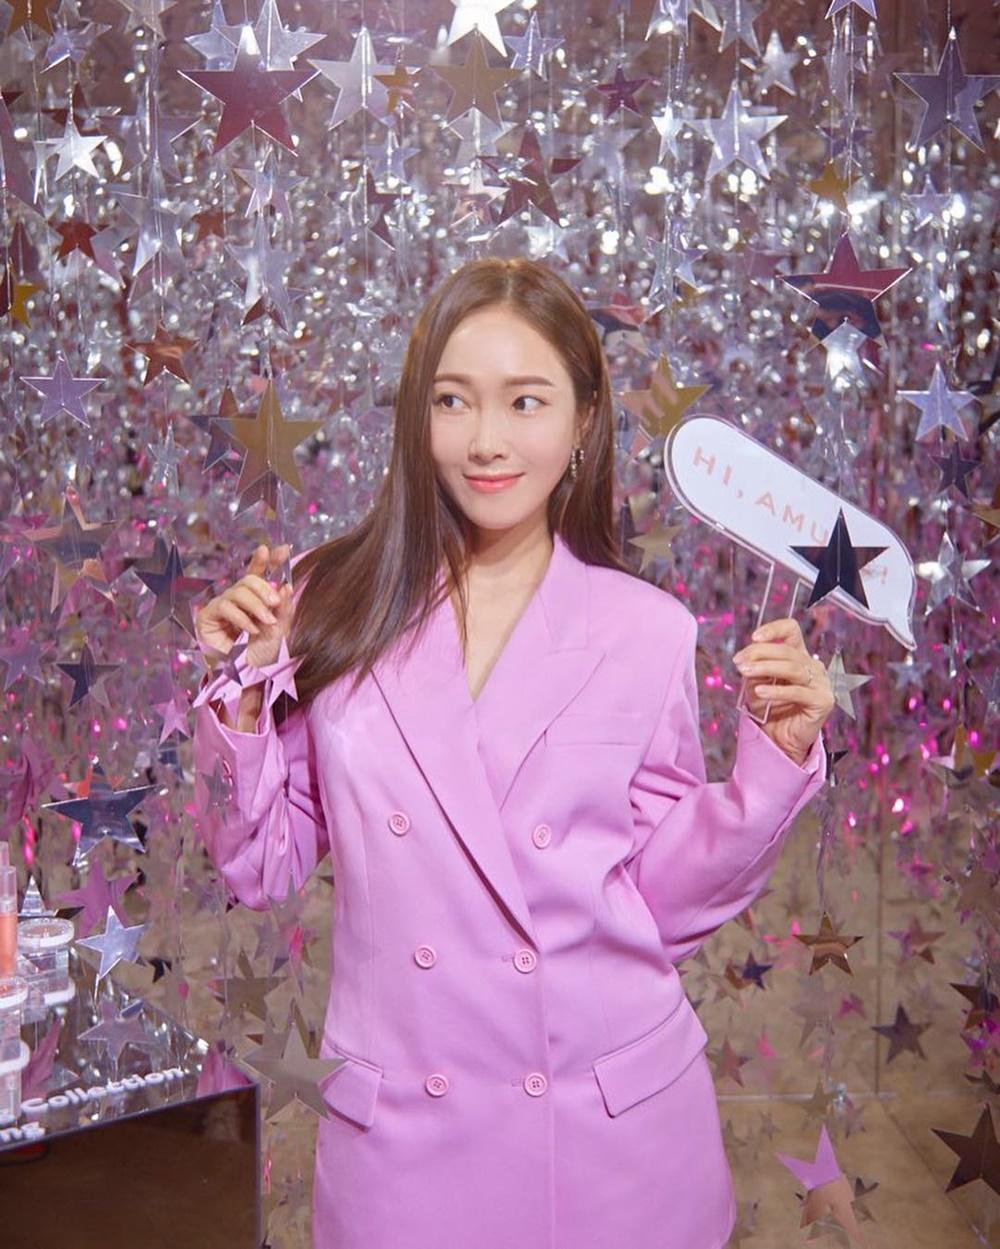 jessica jung novel movie 2